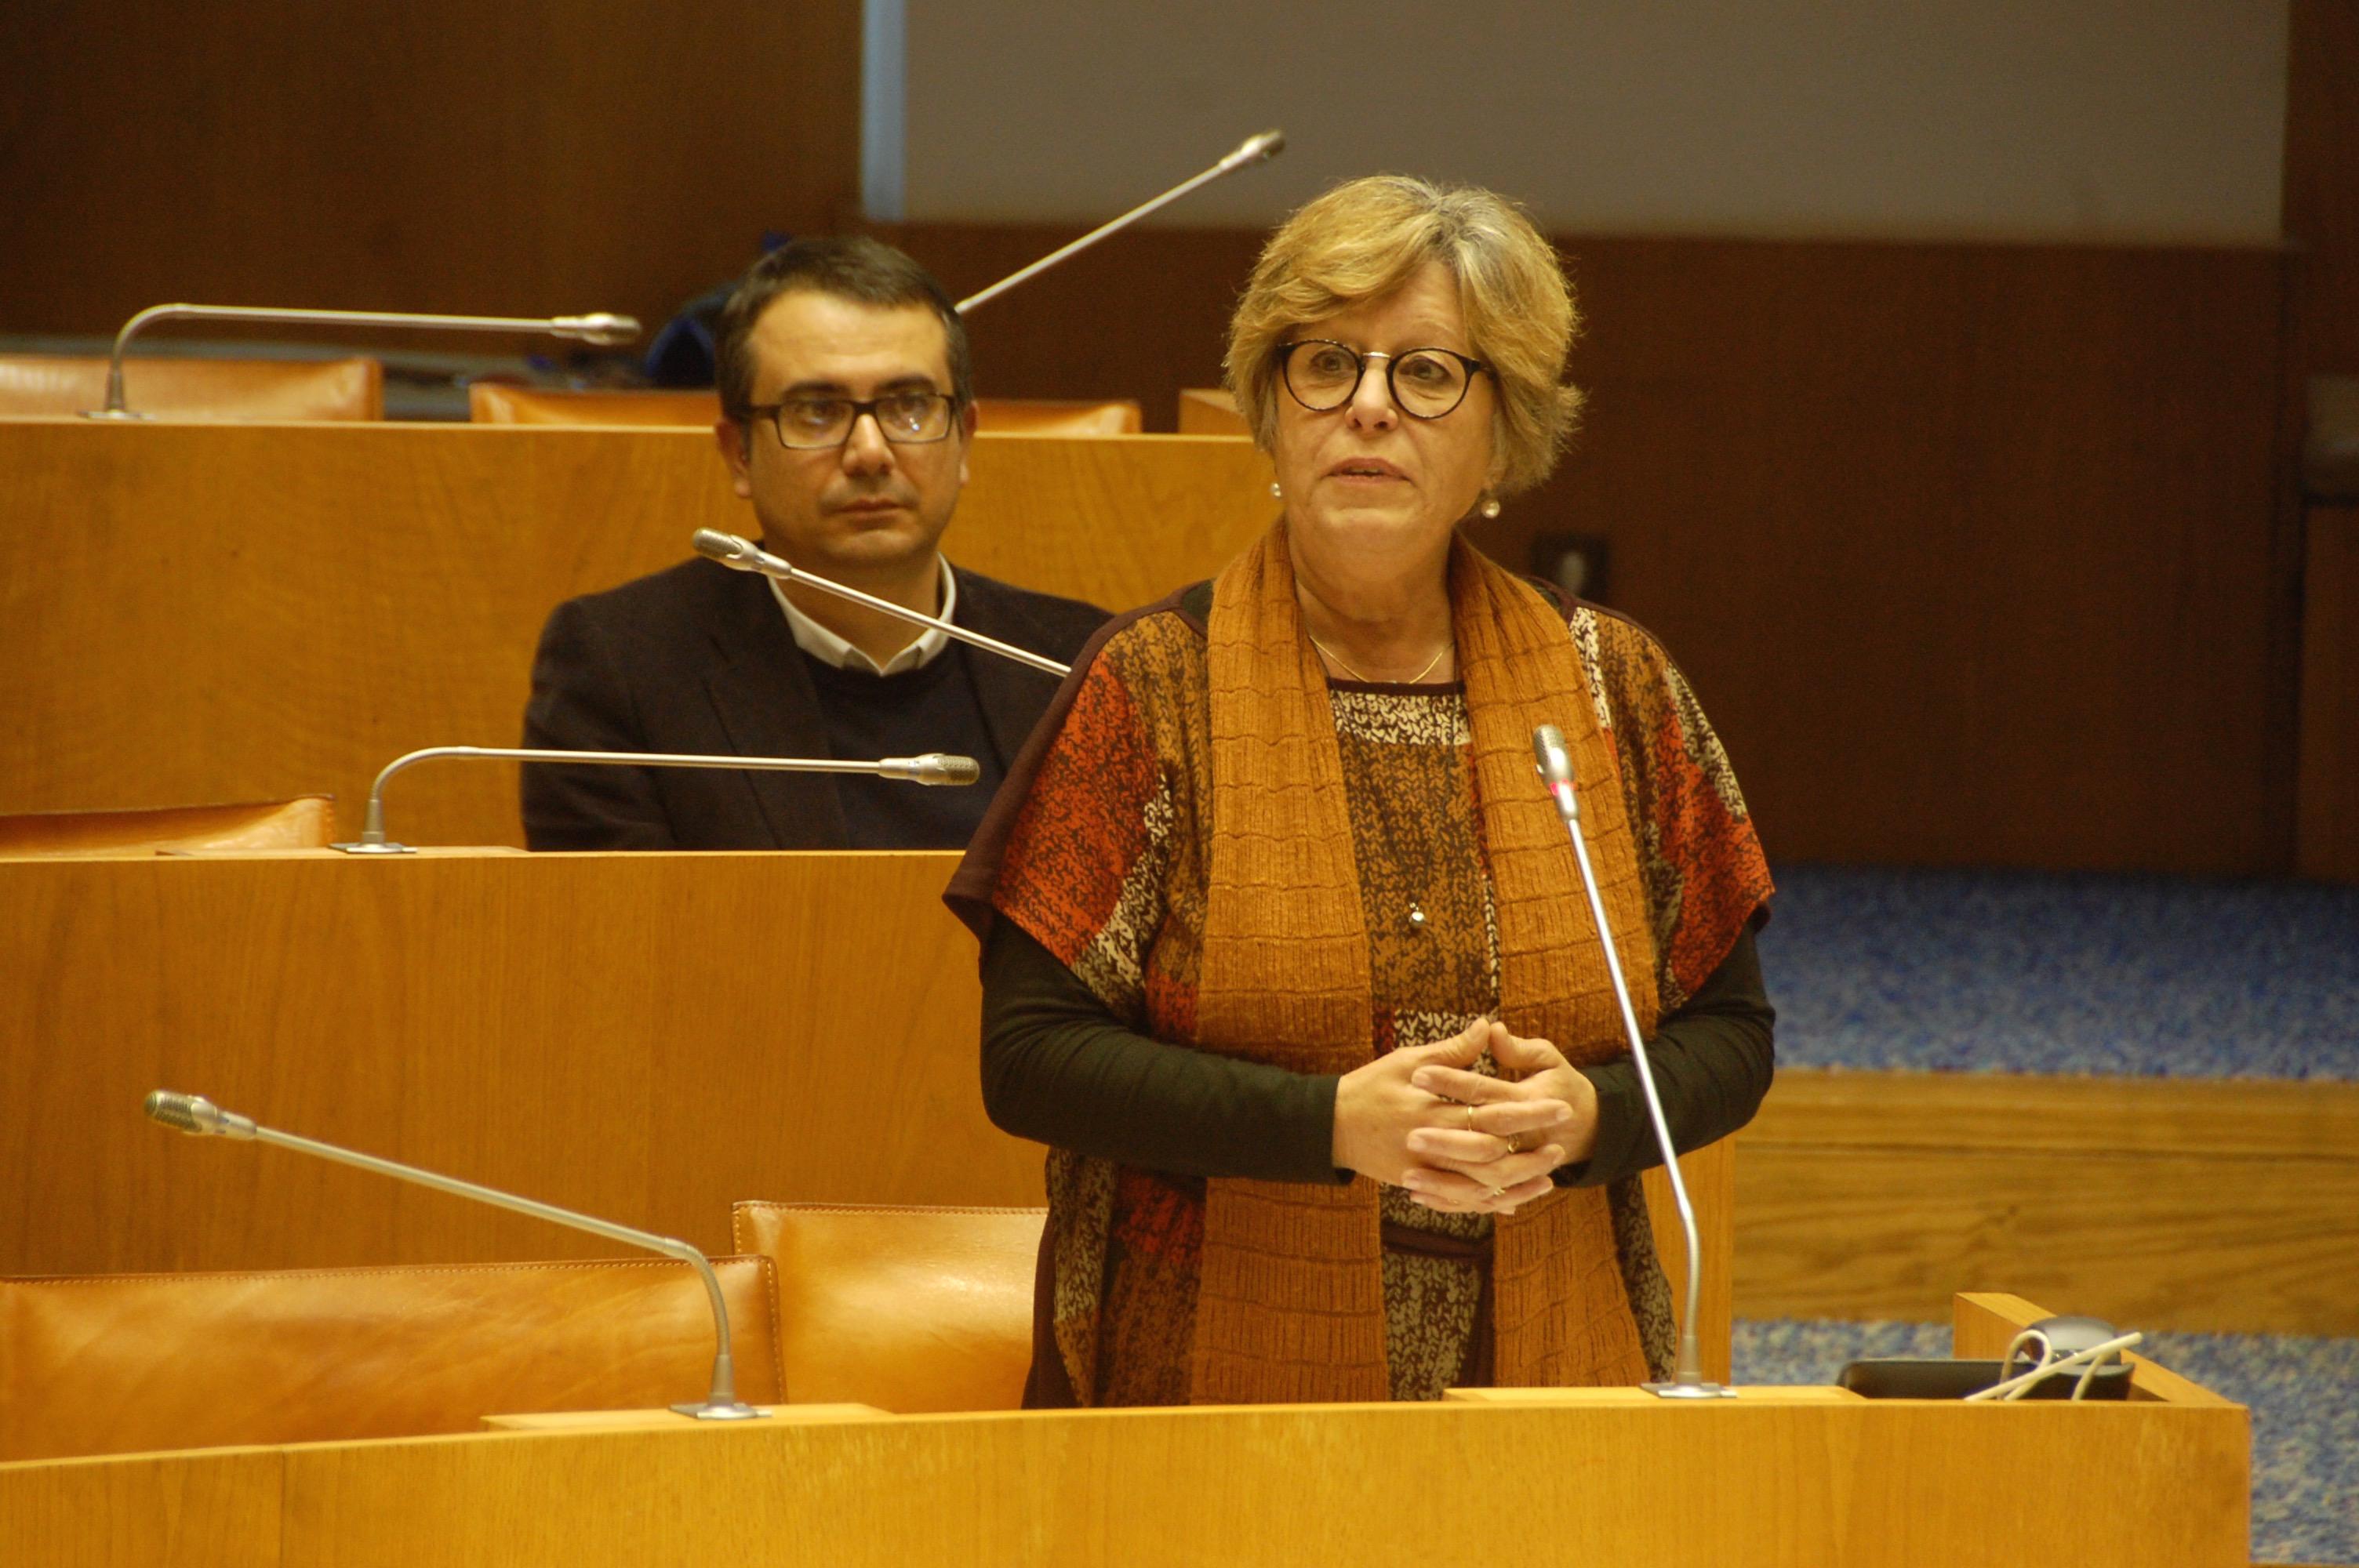 Problemática da toxicodependência nos Açores alvo de estudo por proposta do BE